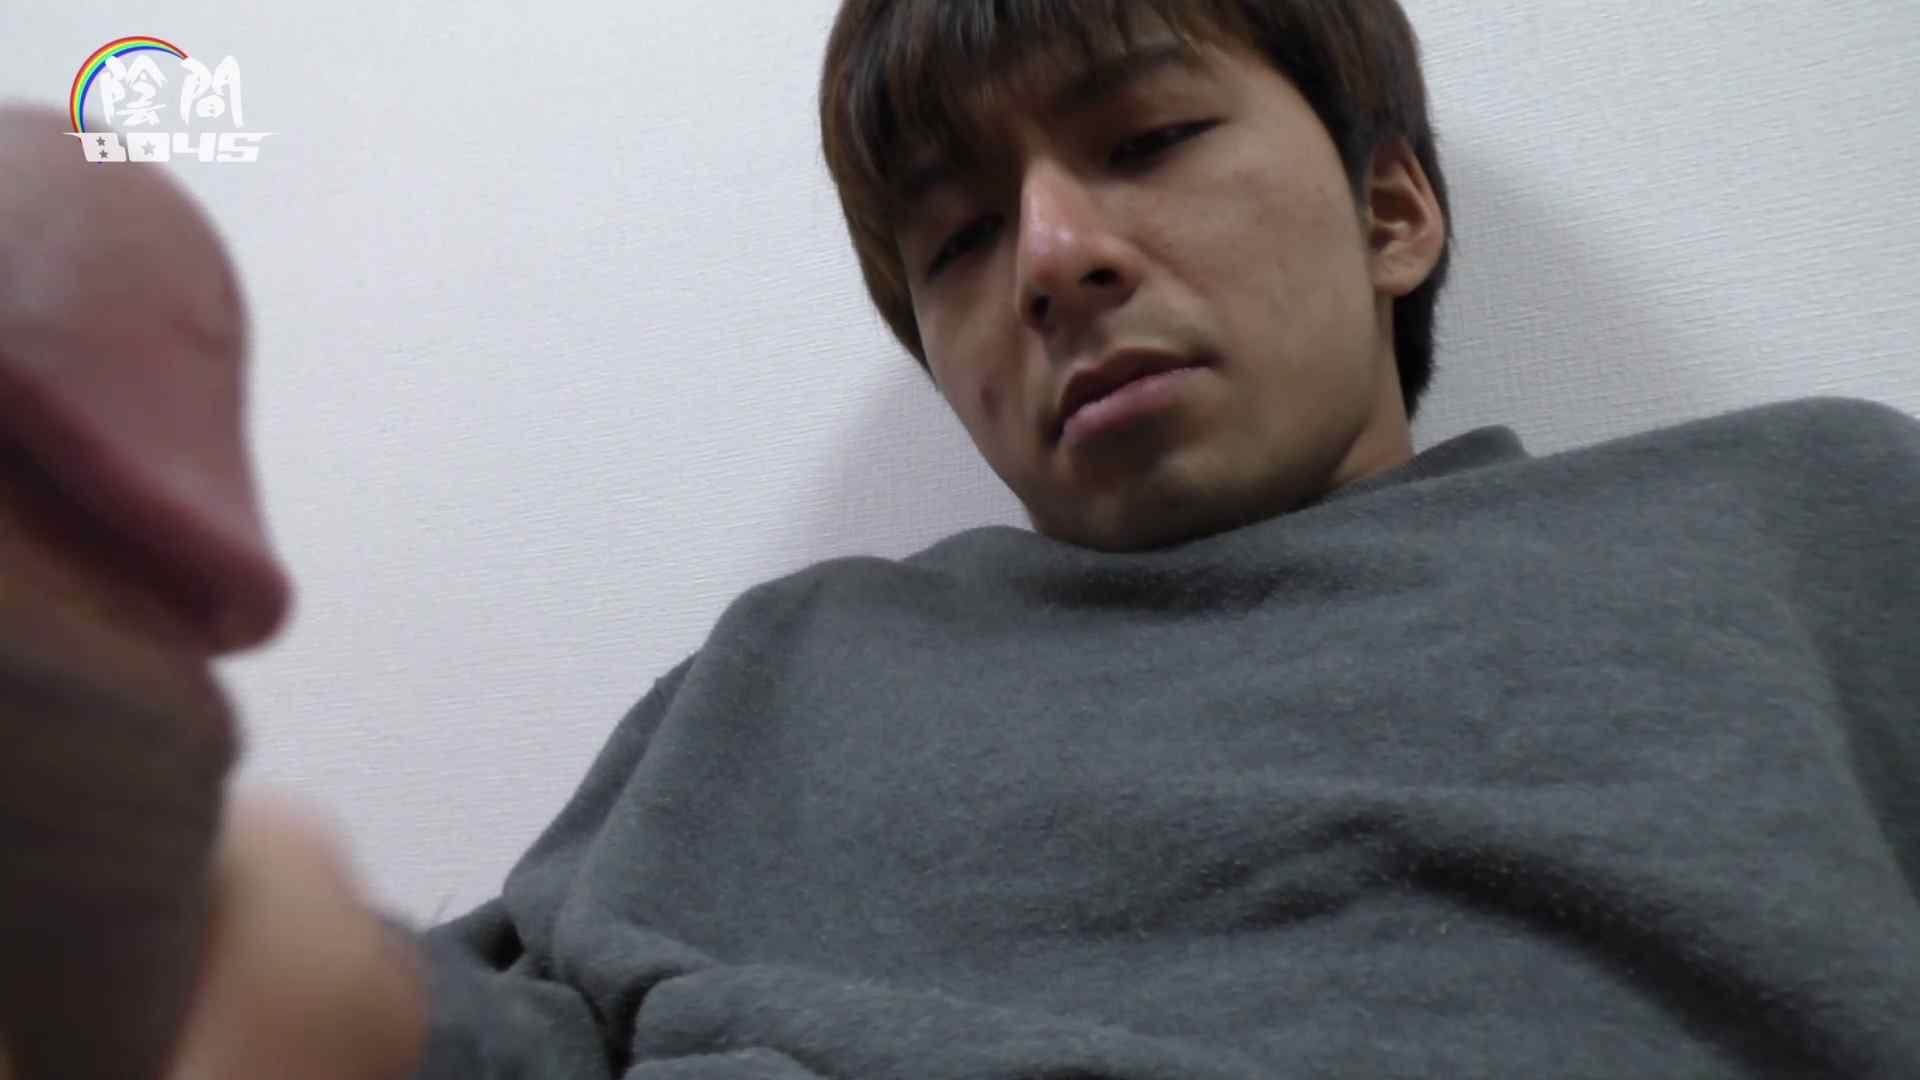 アナルは決して眠らない No.01 ザーメン | アナルで大興奮  78枚 73